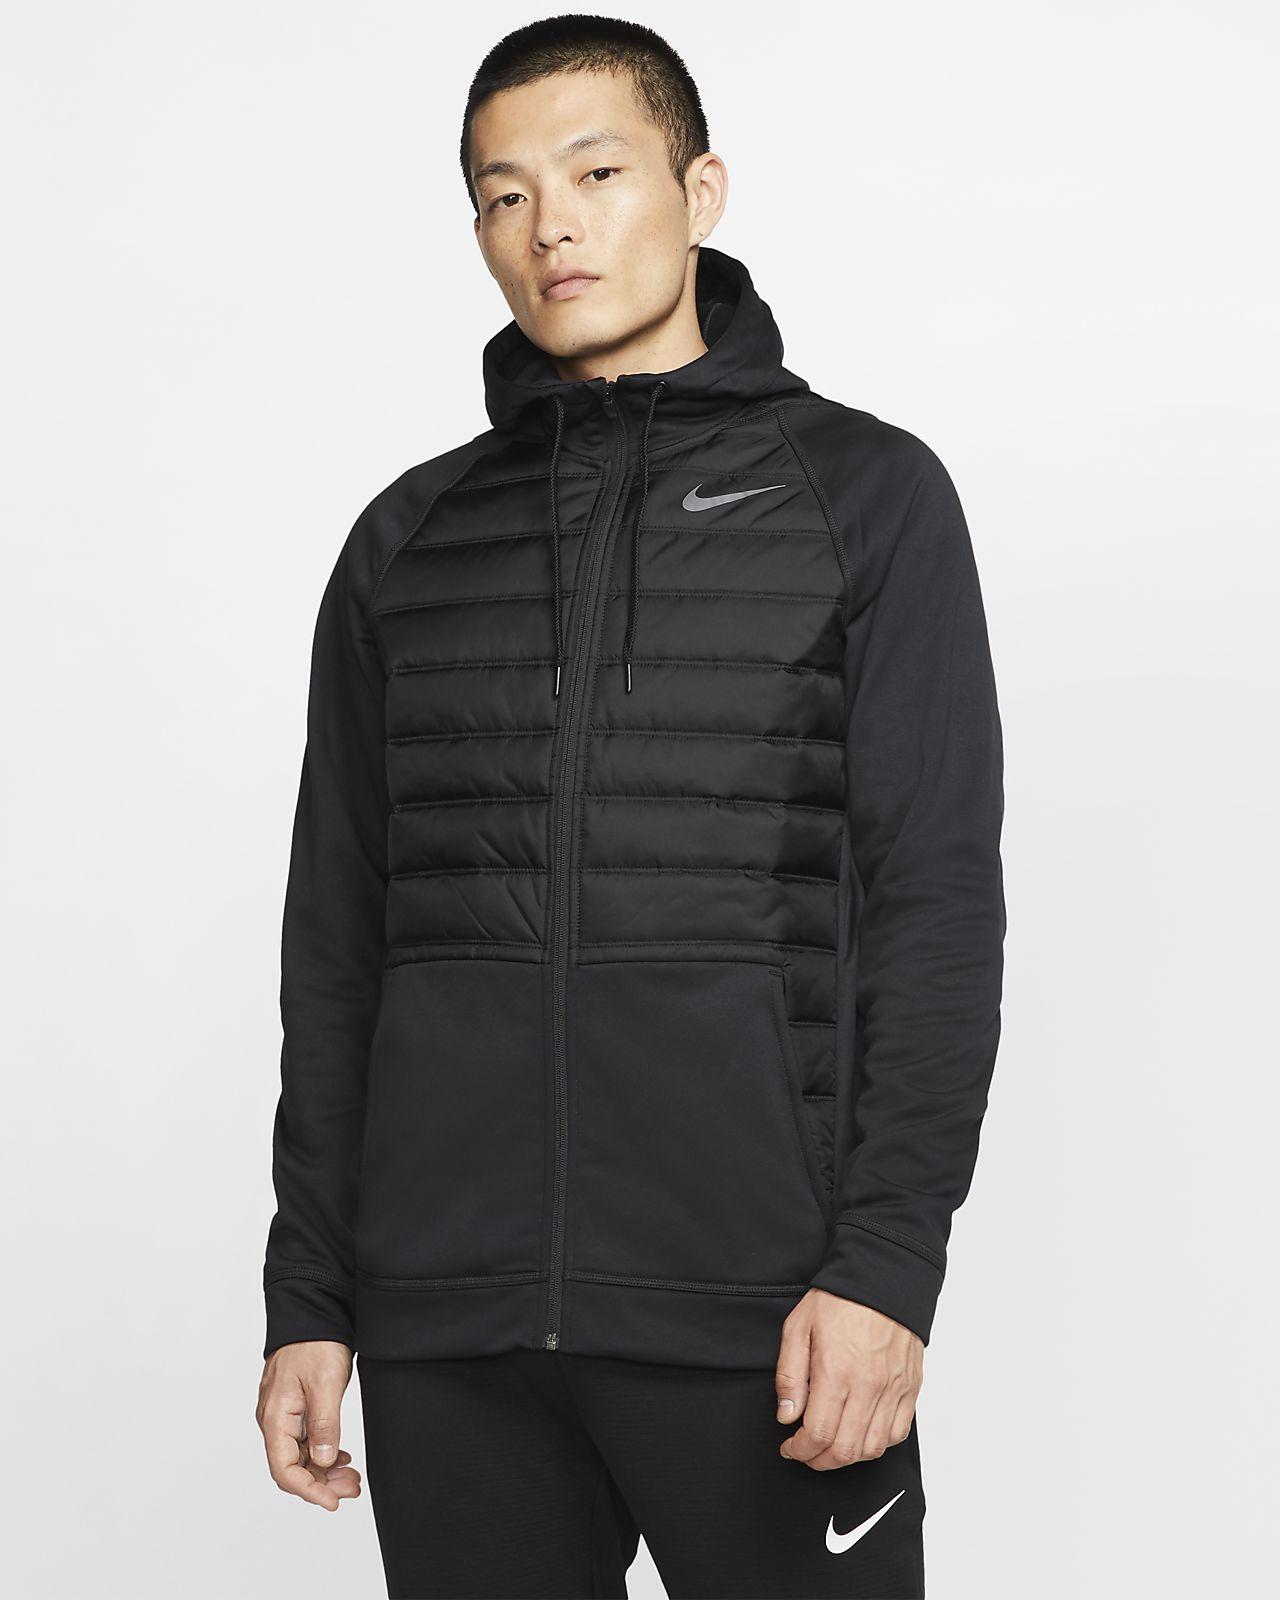 Nike Therma Herren Trainingsjacke mit durchgehendem Reißverschluss